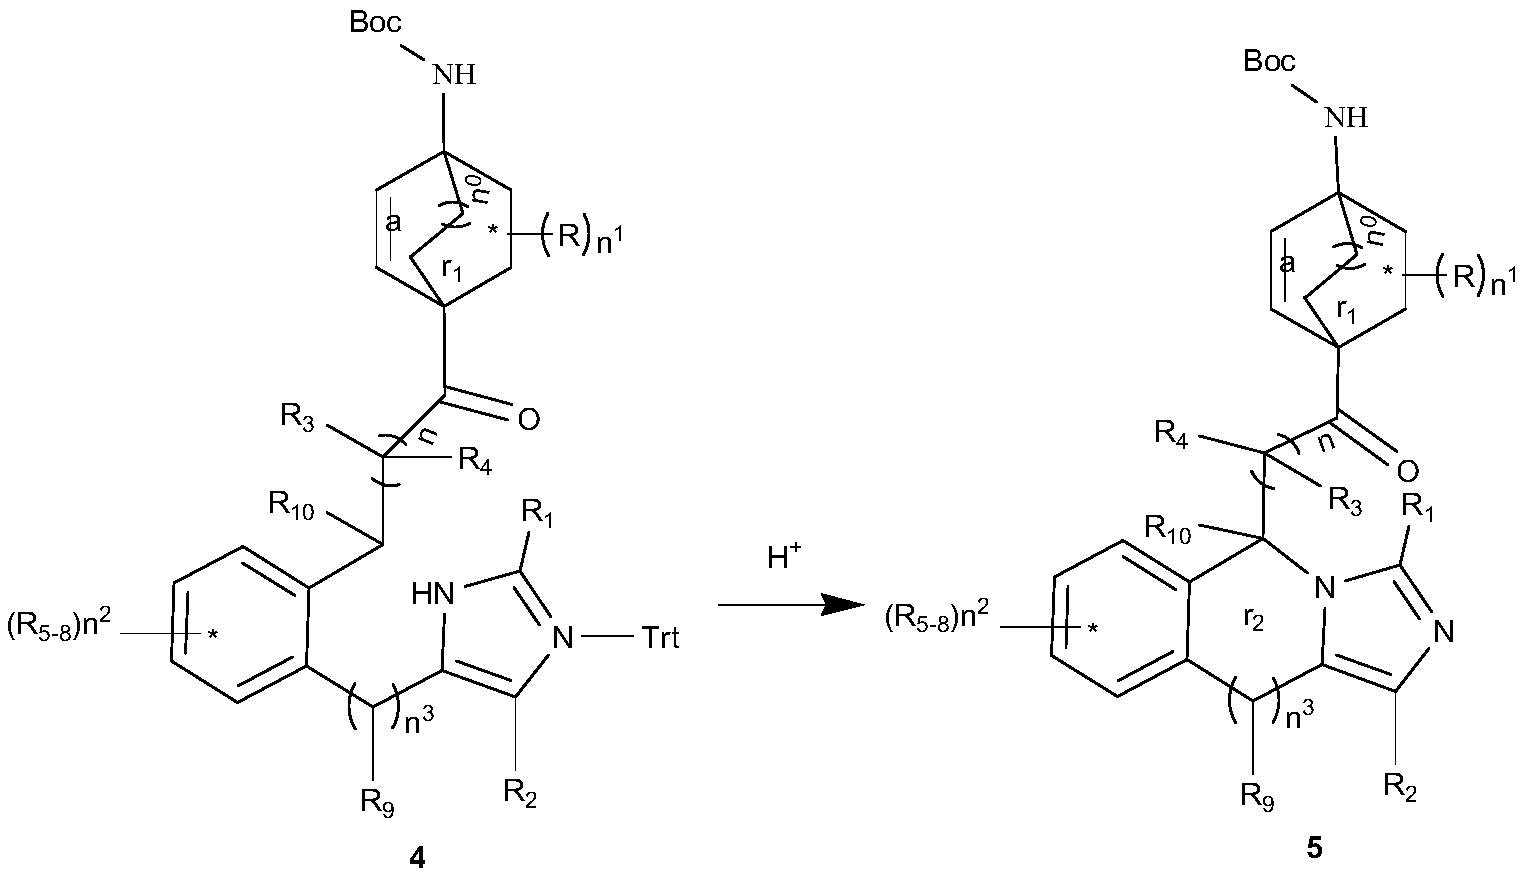 Figure PCTCN2017084604-appb-100040